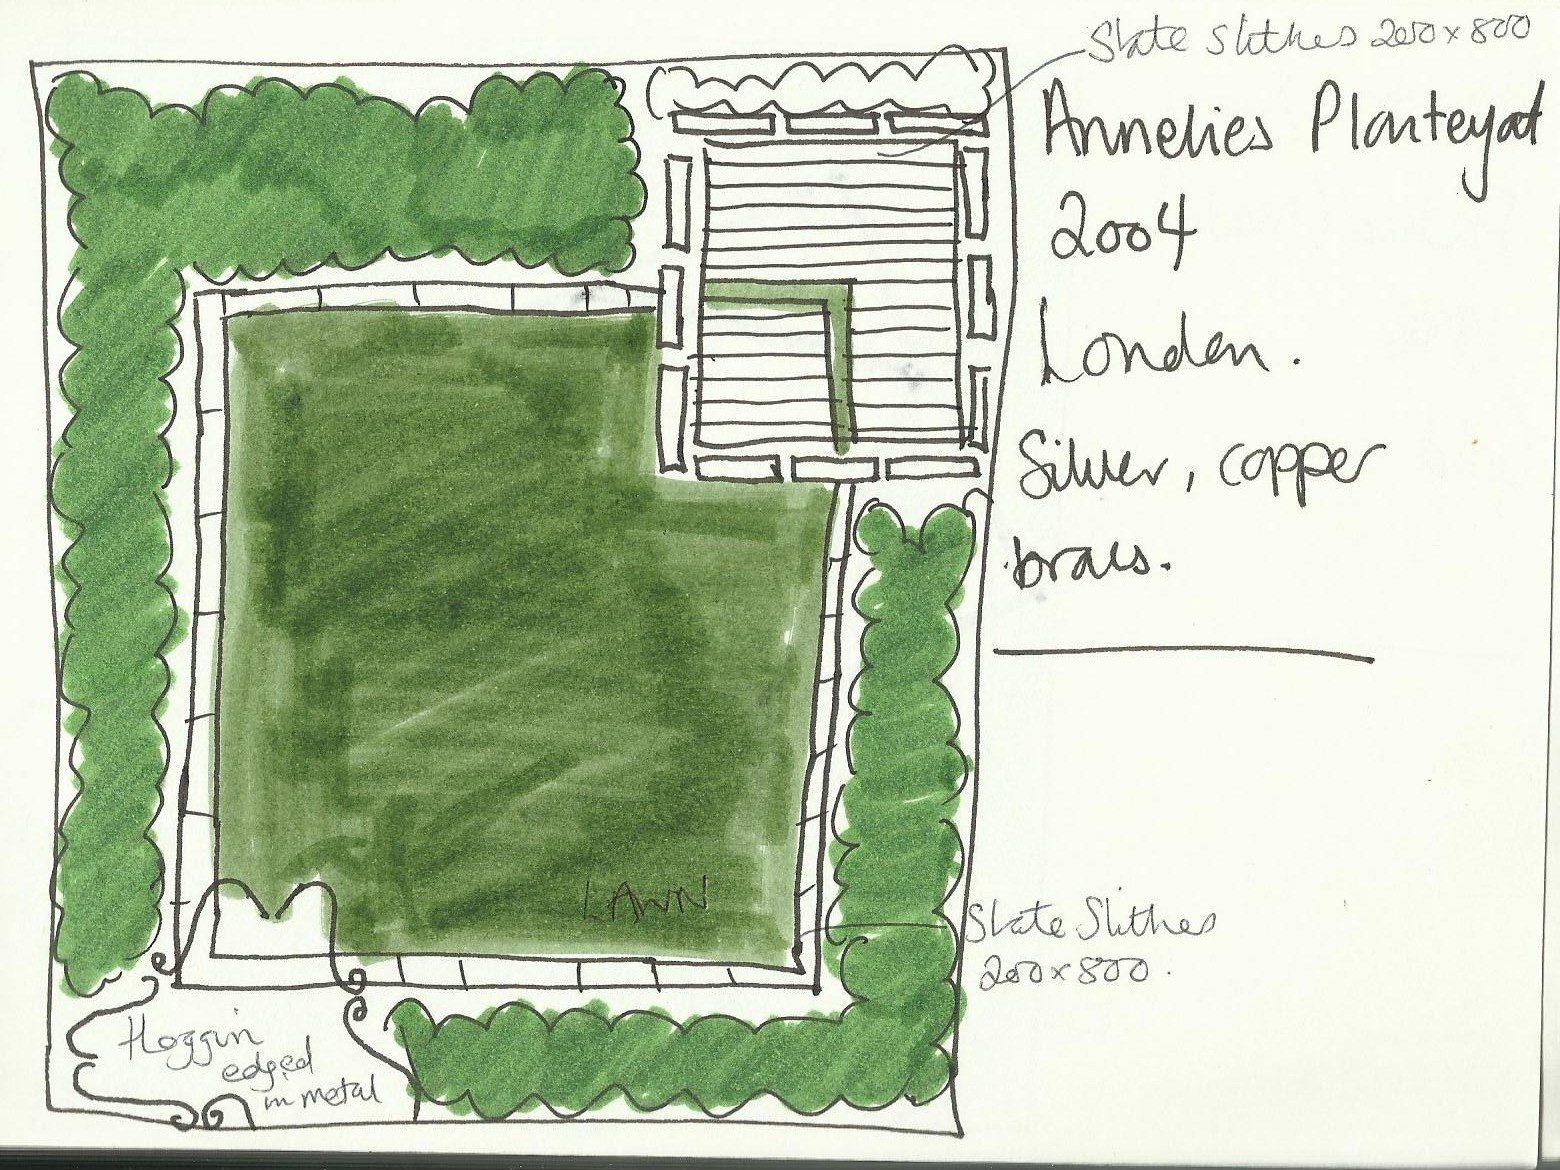 Simple Family Garden Design A Garden With Two Views Earth - Simple family garden designs